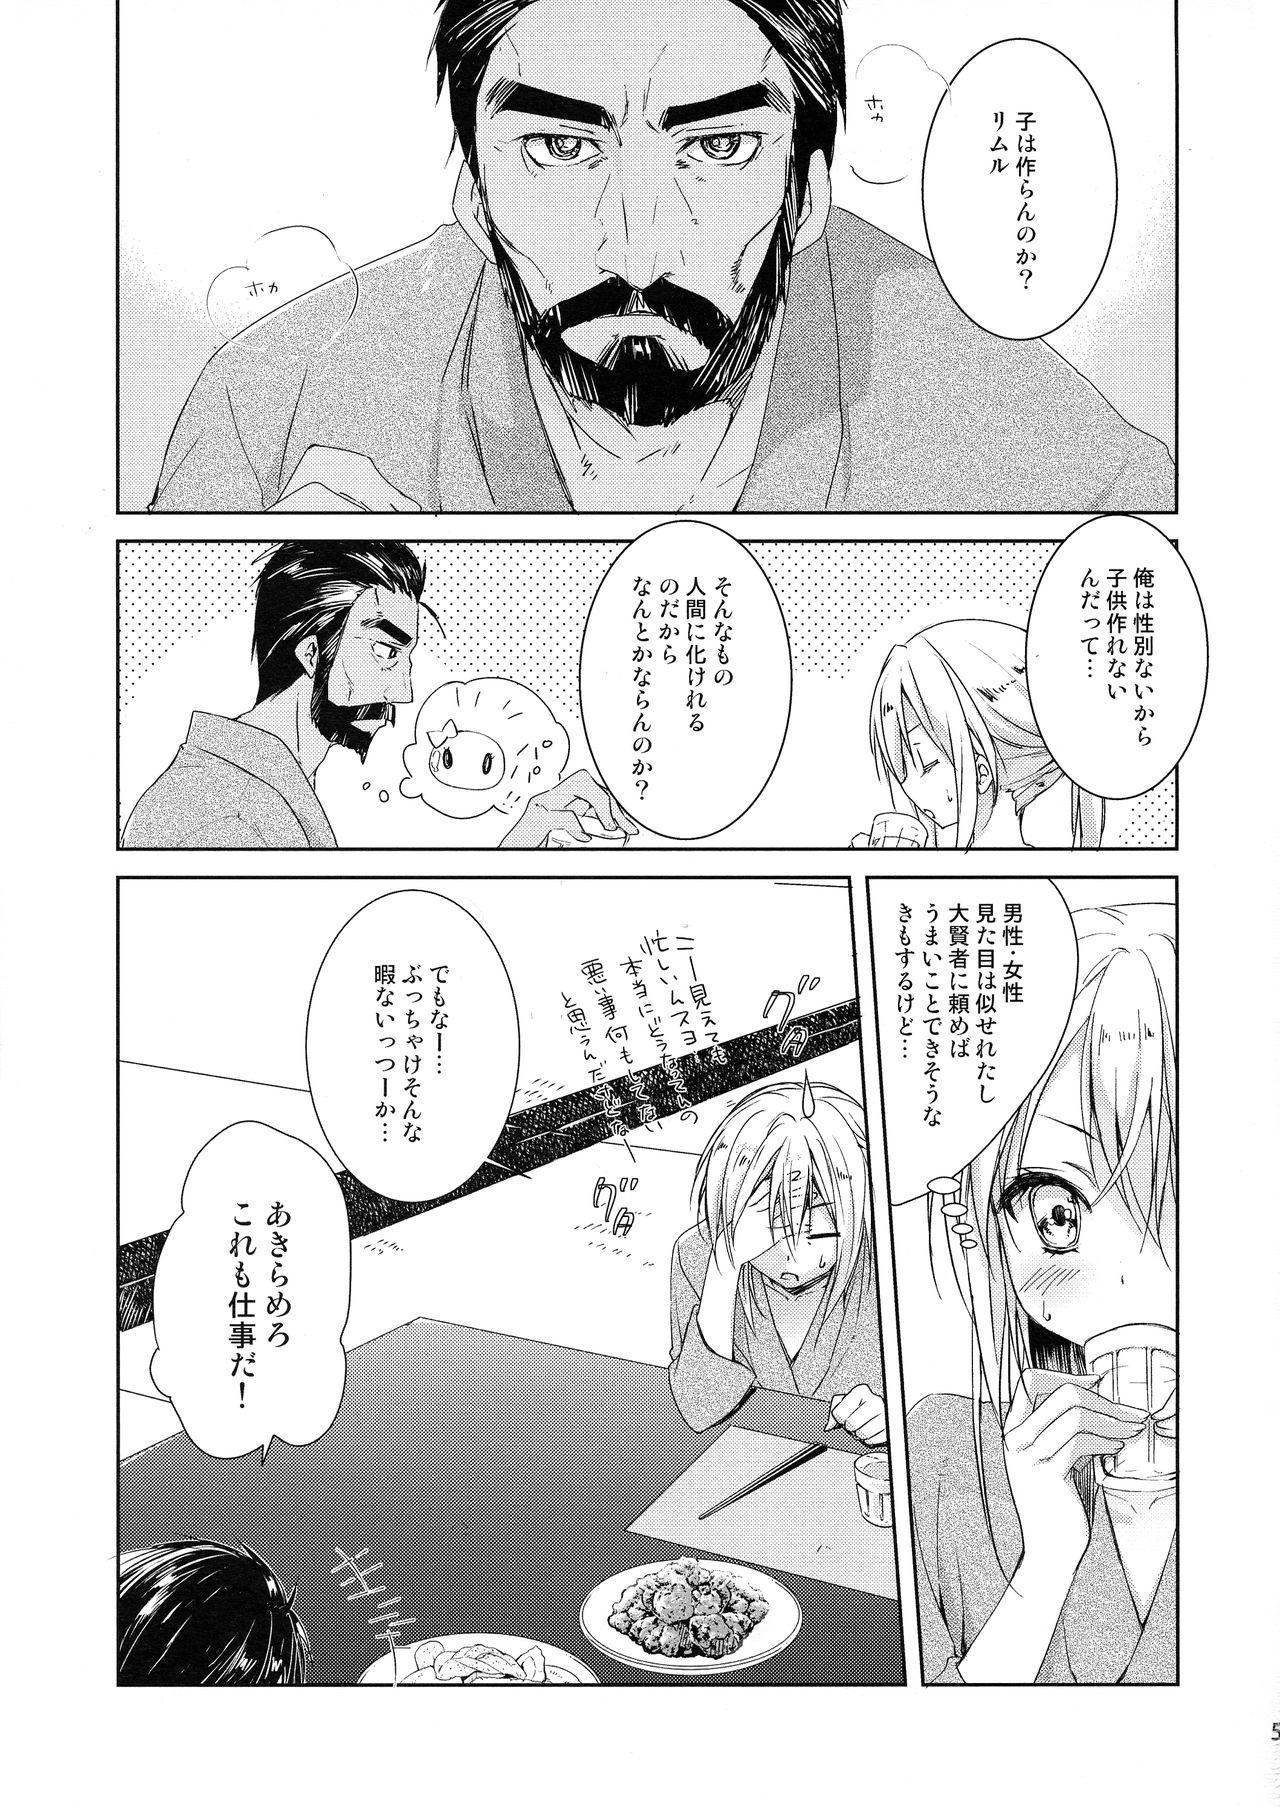 Shiyuna wa Rimuru-sama no Kodomo ga Hoshi no desu! 3